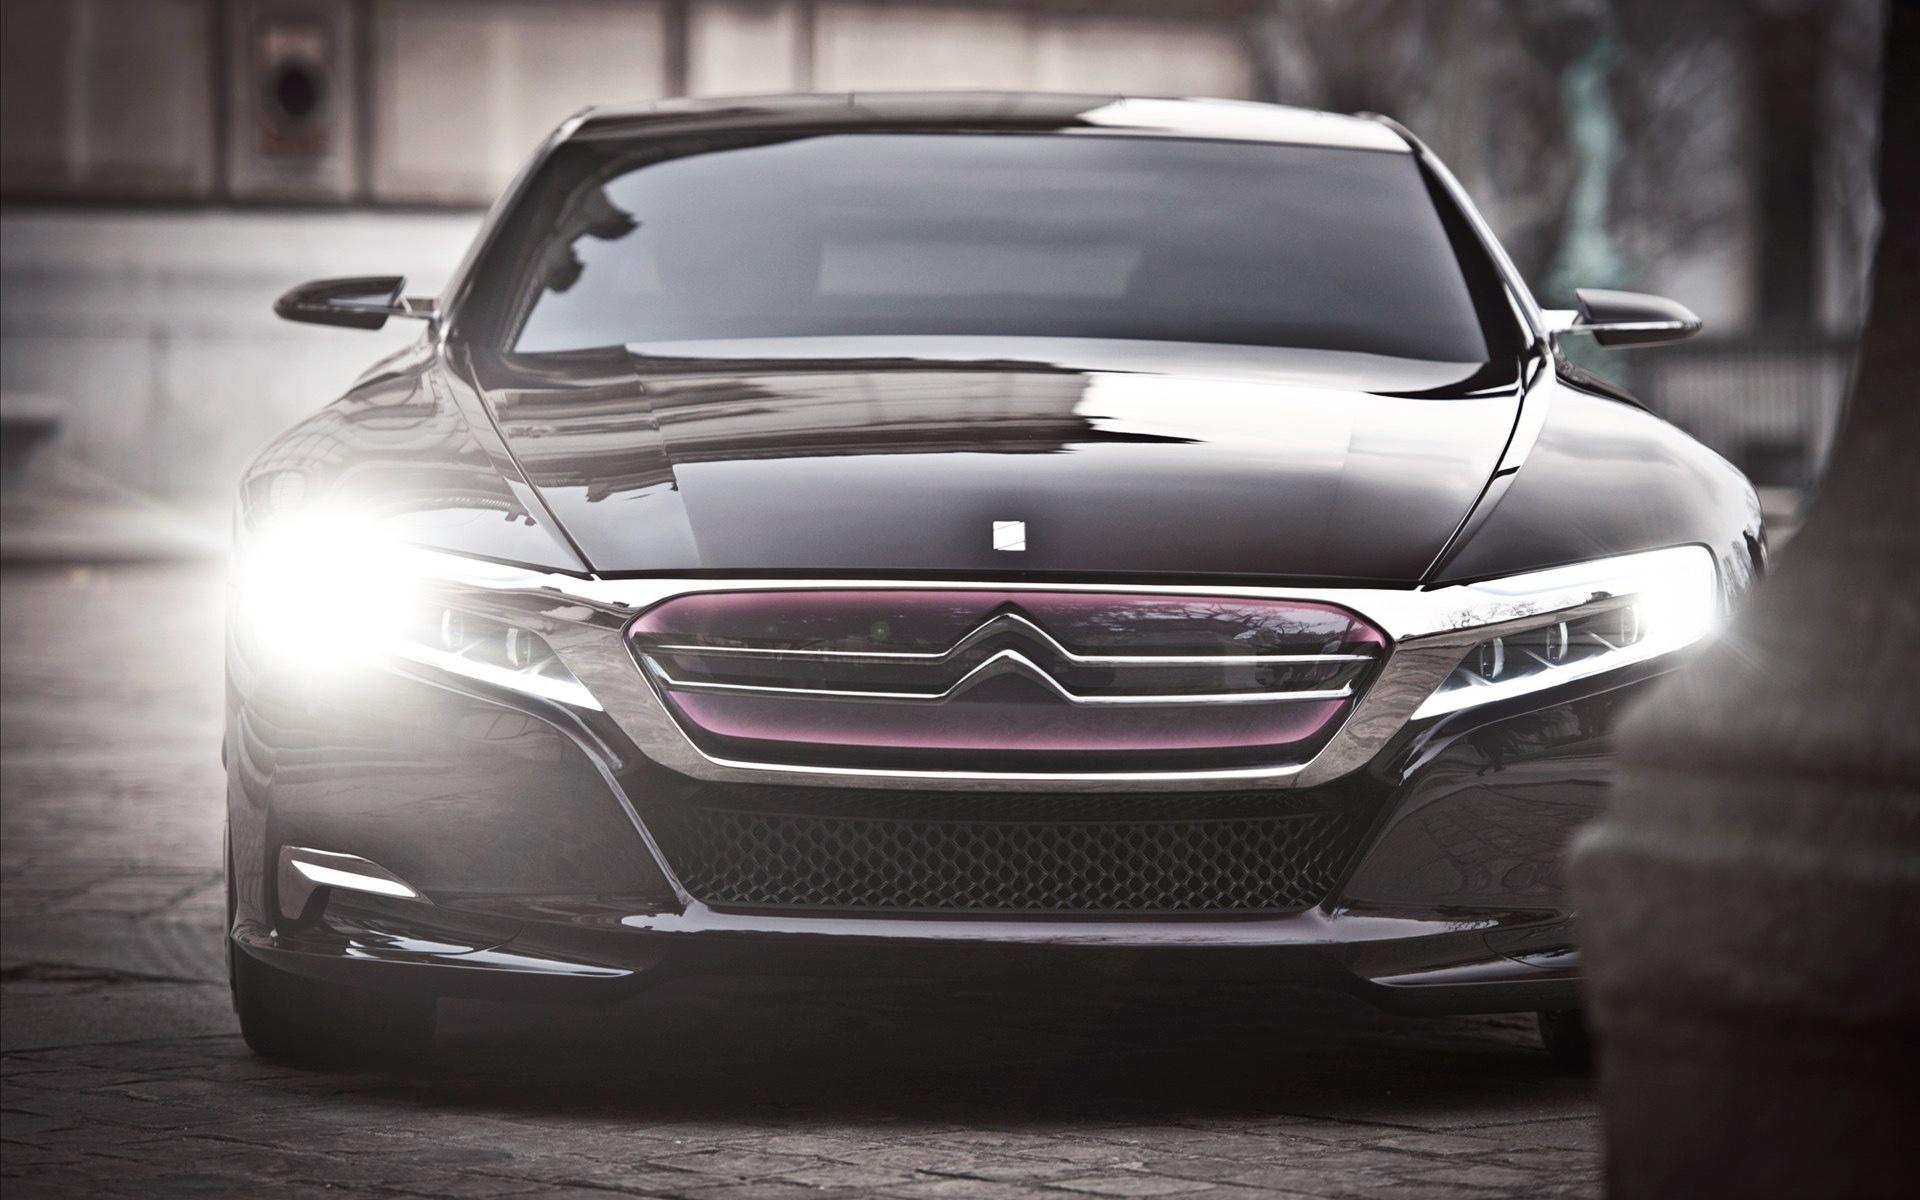 تصاویر خودروهای دوست داشتنی